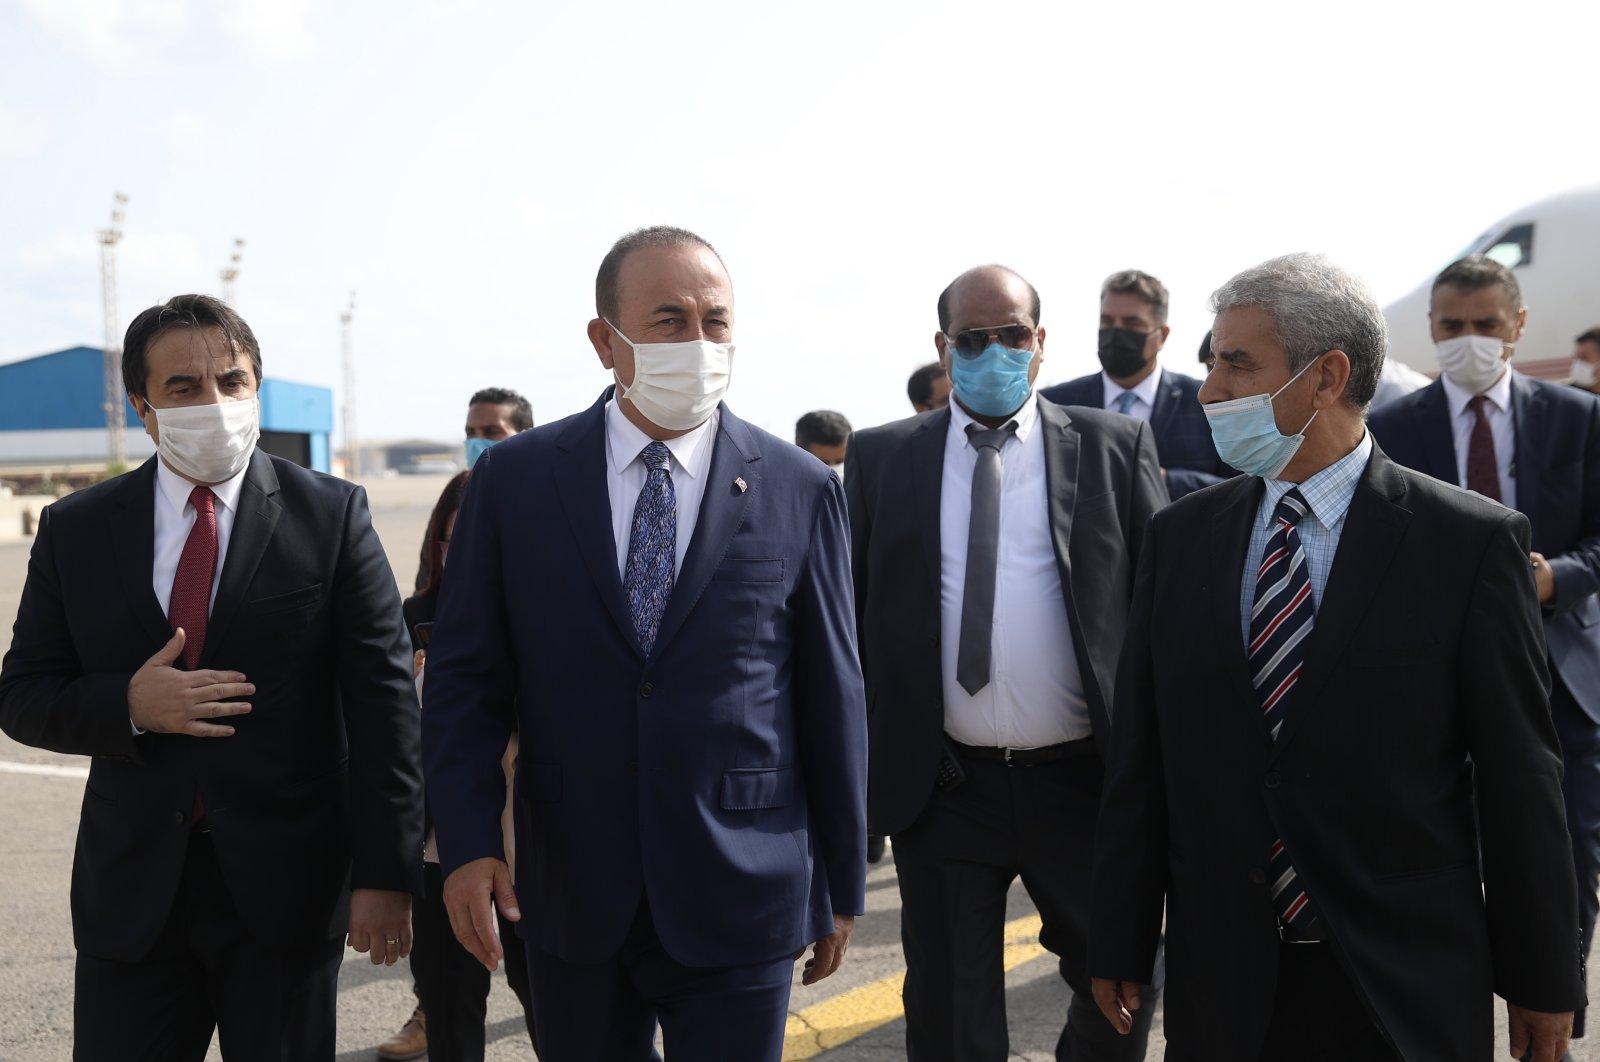 Εντείνεται η Τουρκική παρουσία στην Σομαλία ως και η κόντρα με τον Γάλλο πρόεδρο Μακρόν.